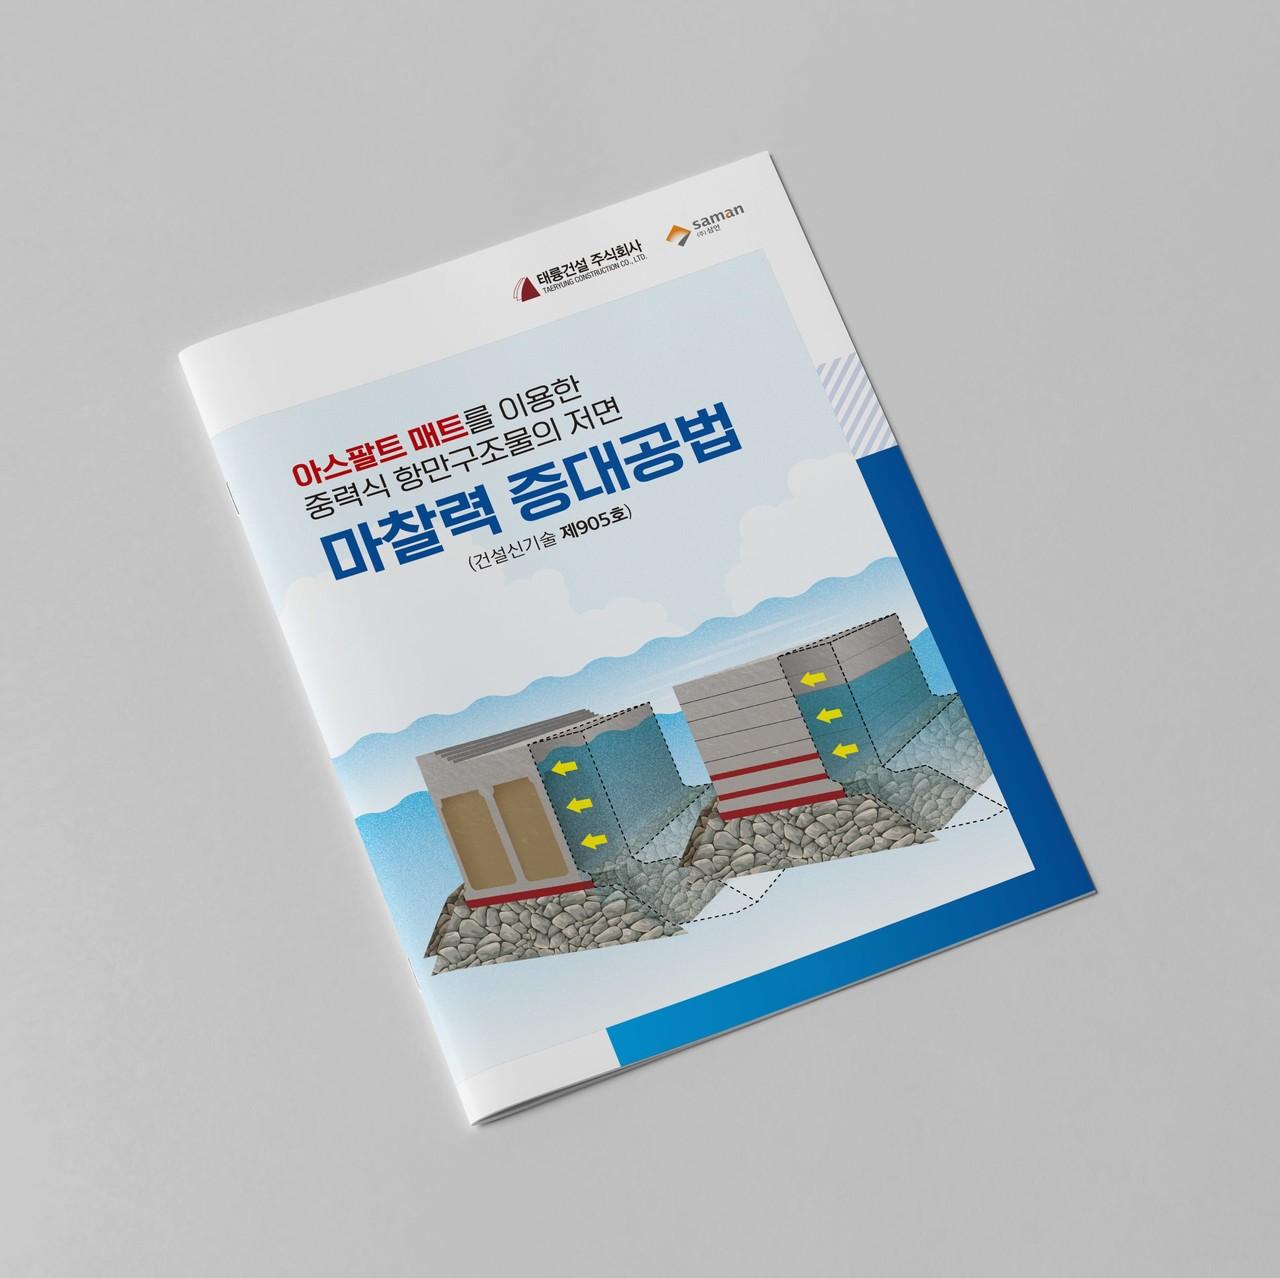 마찰력 증대공법 - 태륭건설